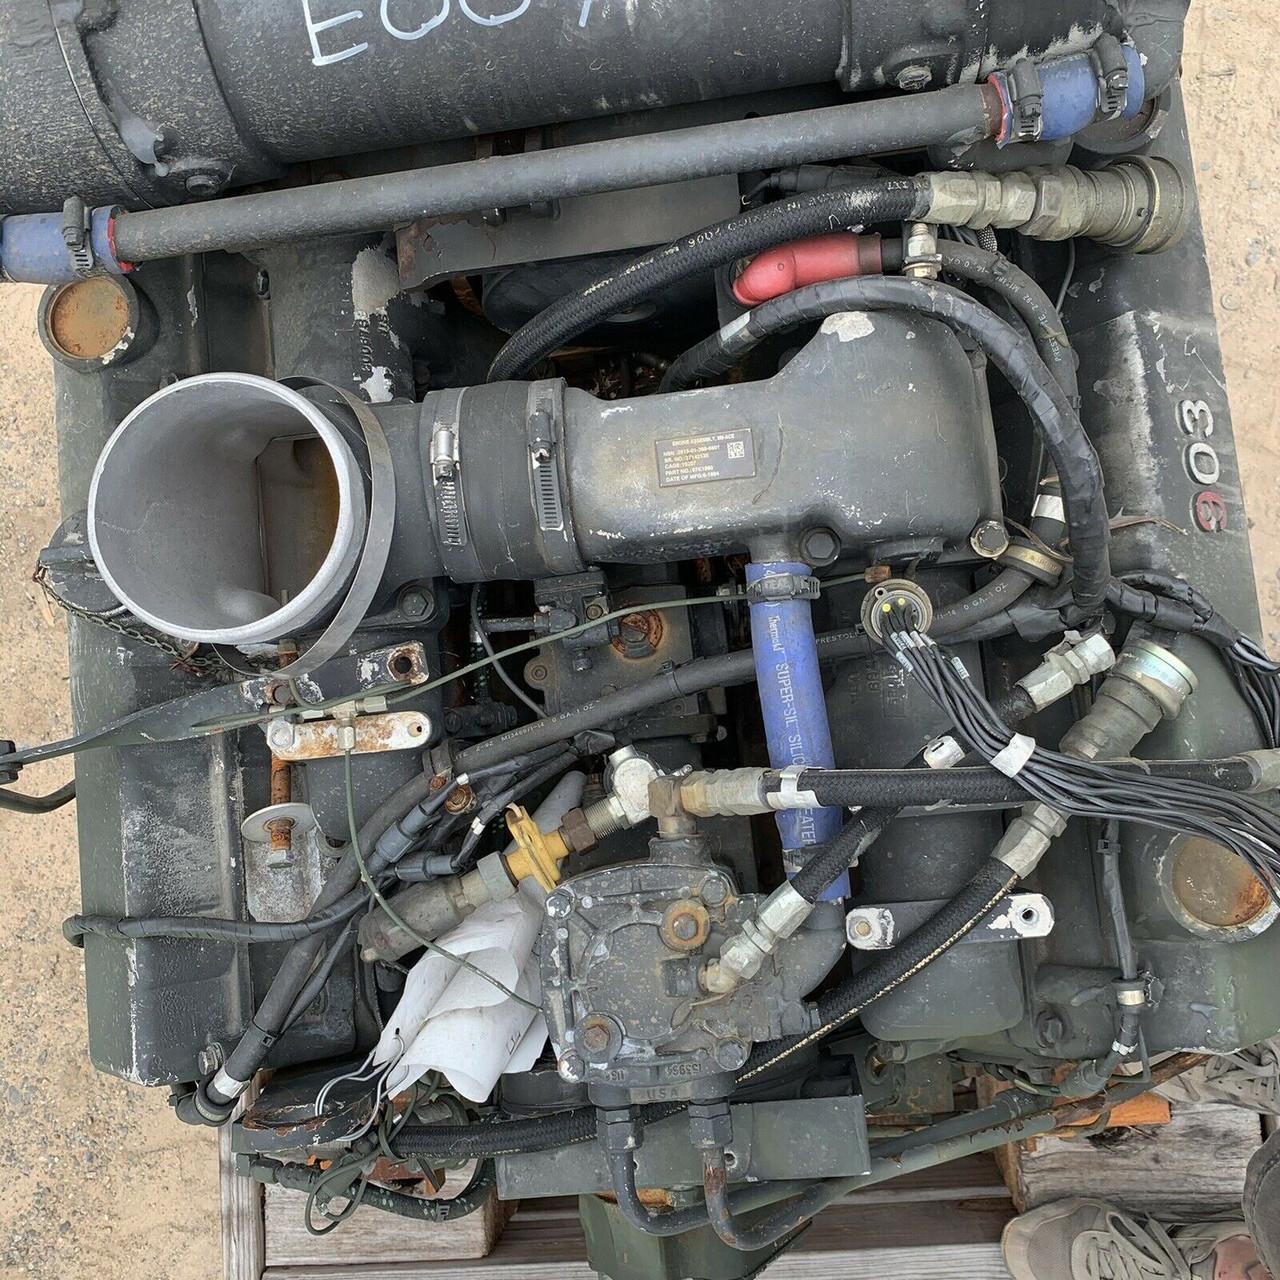 Cummins Diesel Engine VTA 903-T295  S/N 37142135